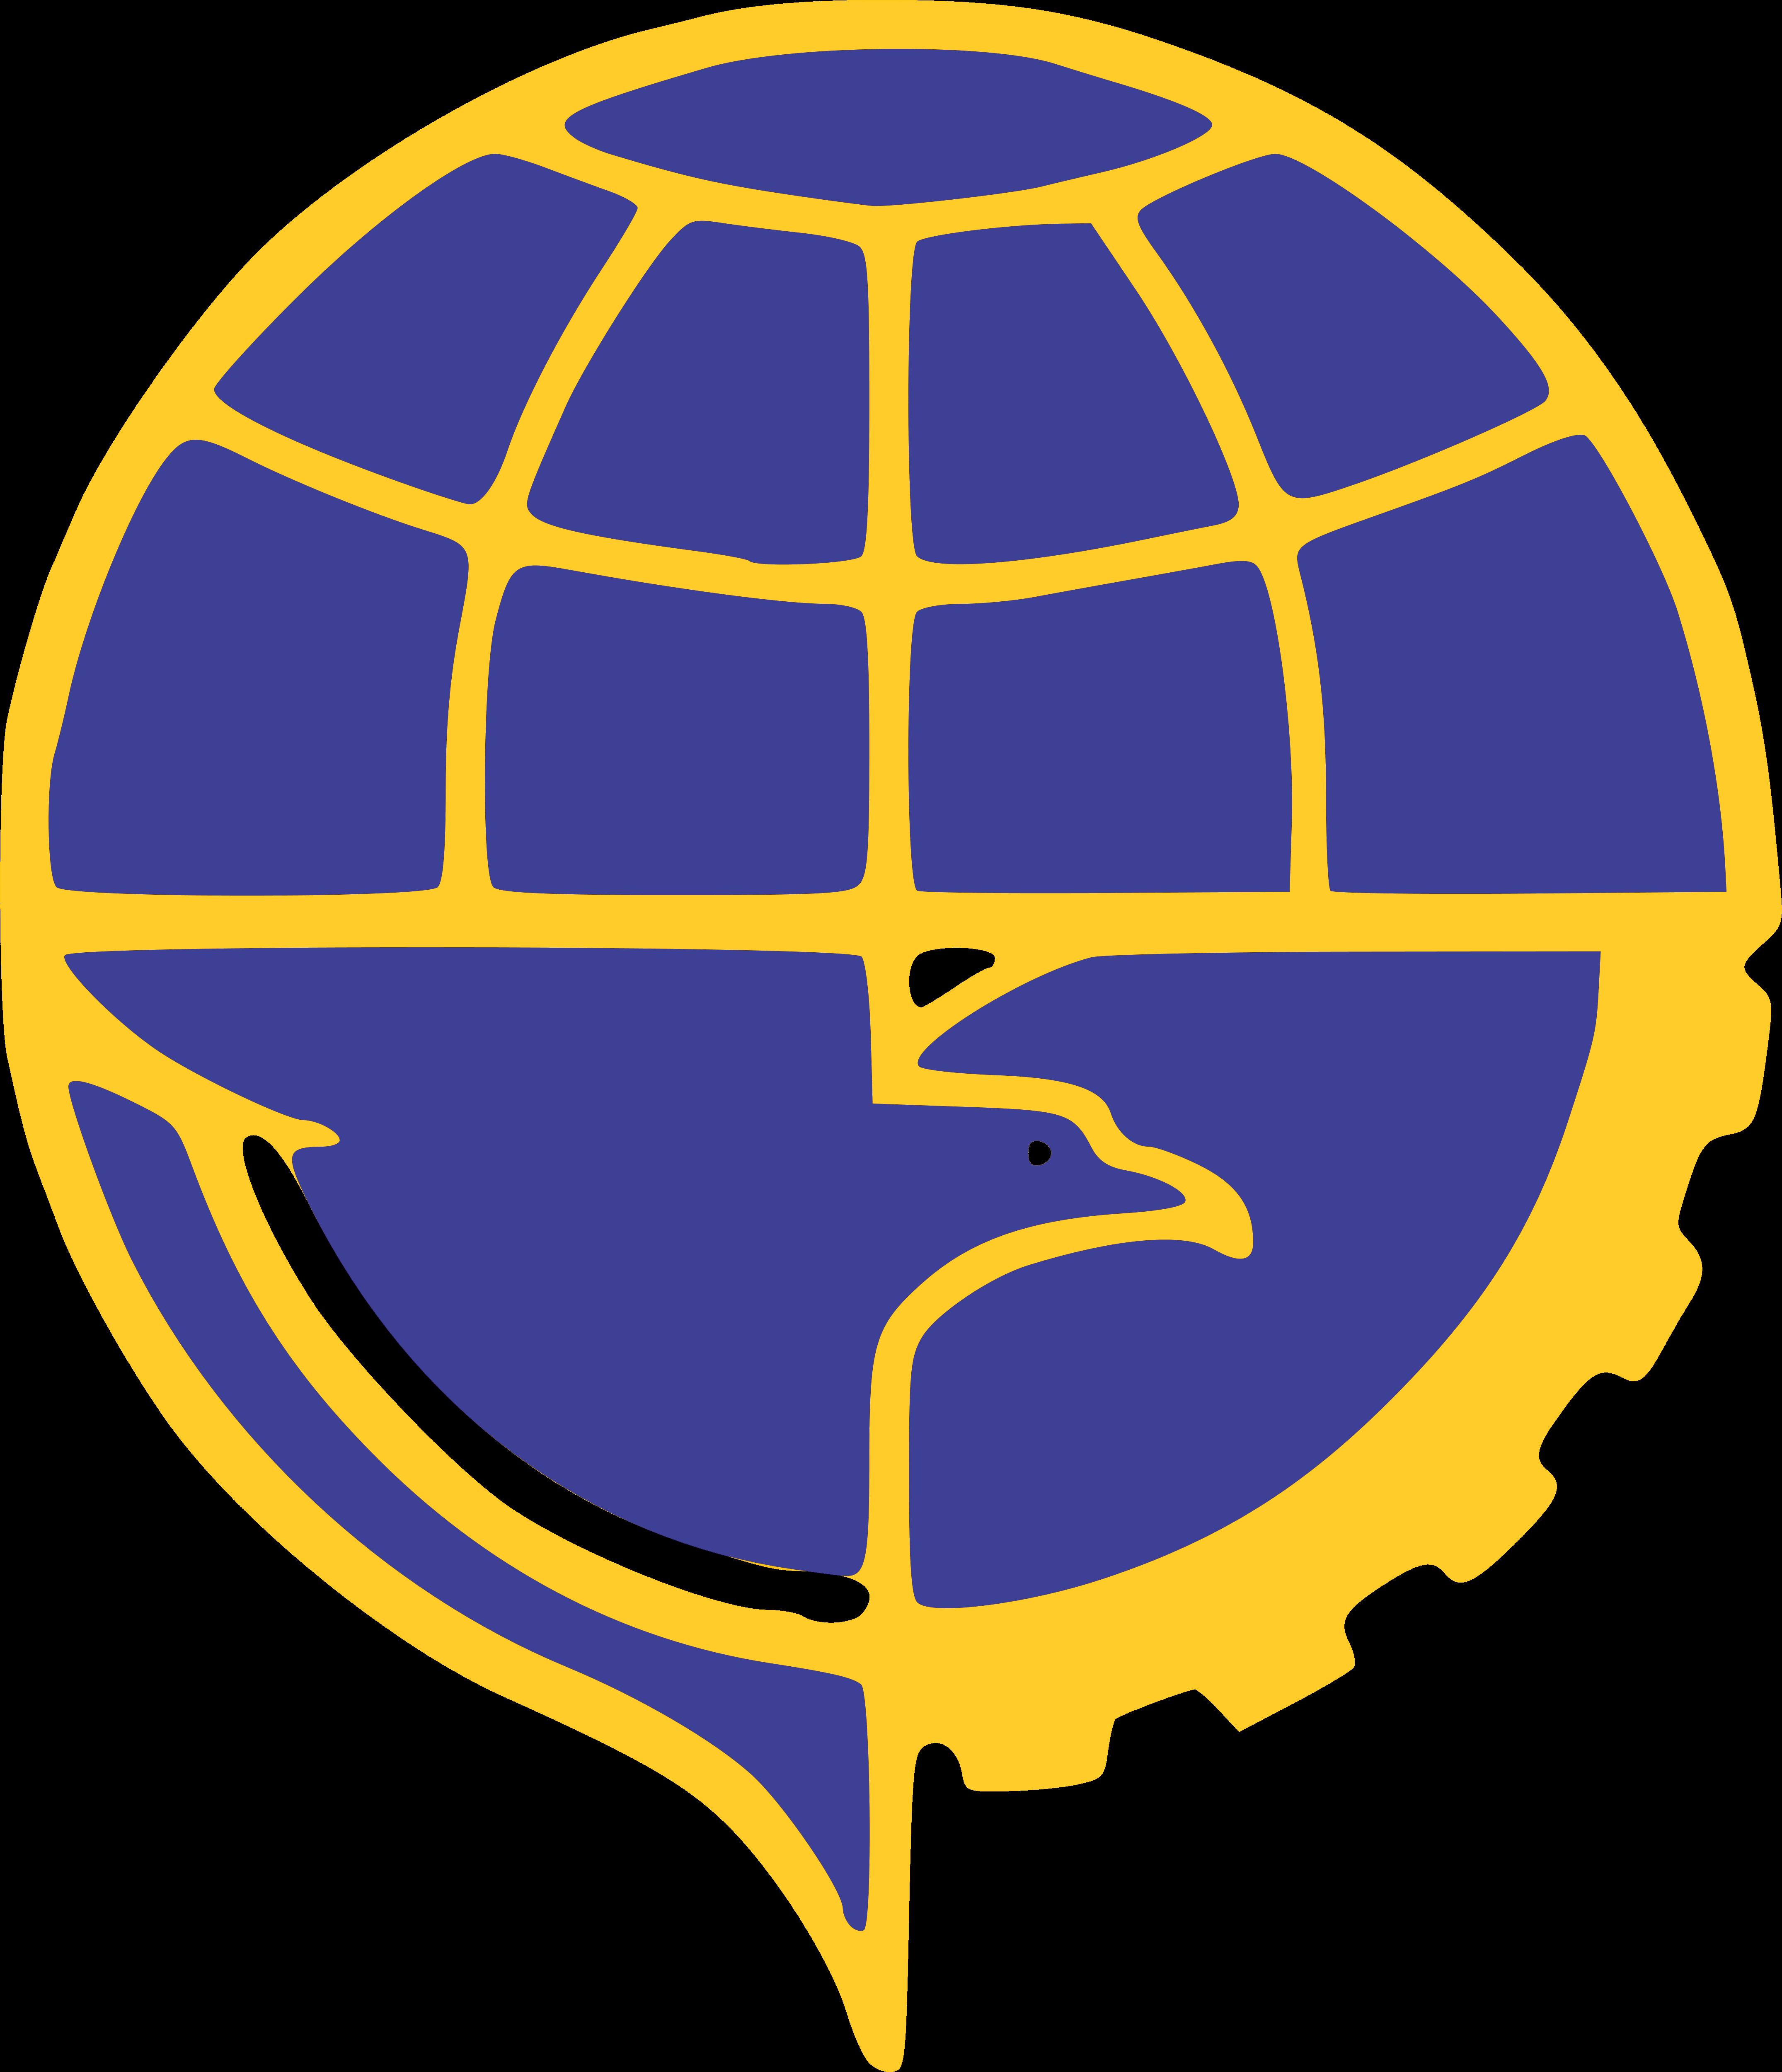 Kementerian Perhubungan Republik Indonesia - Logos Download